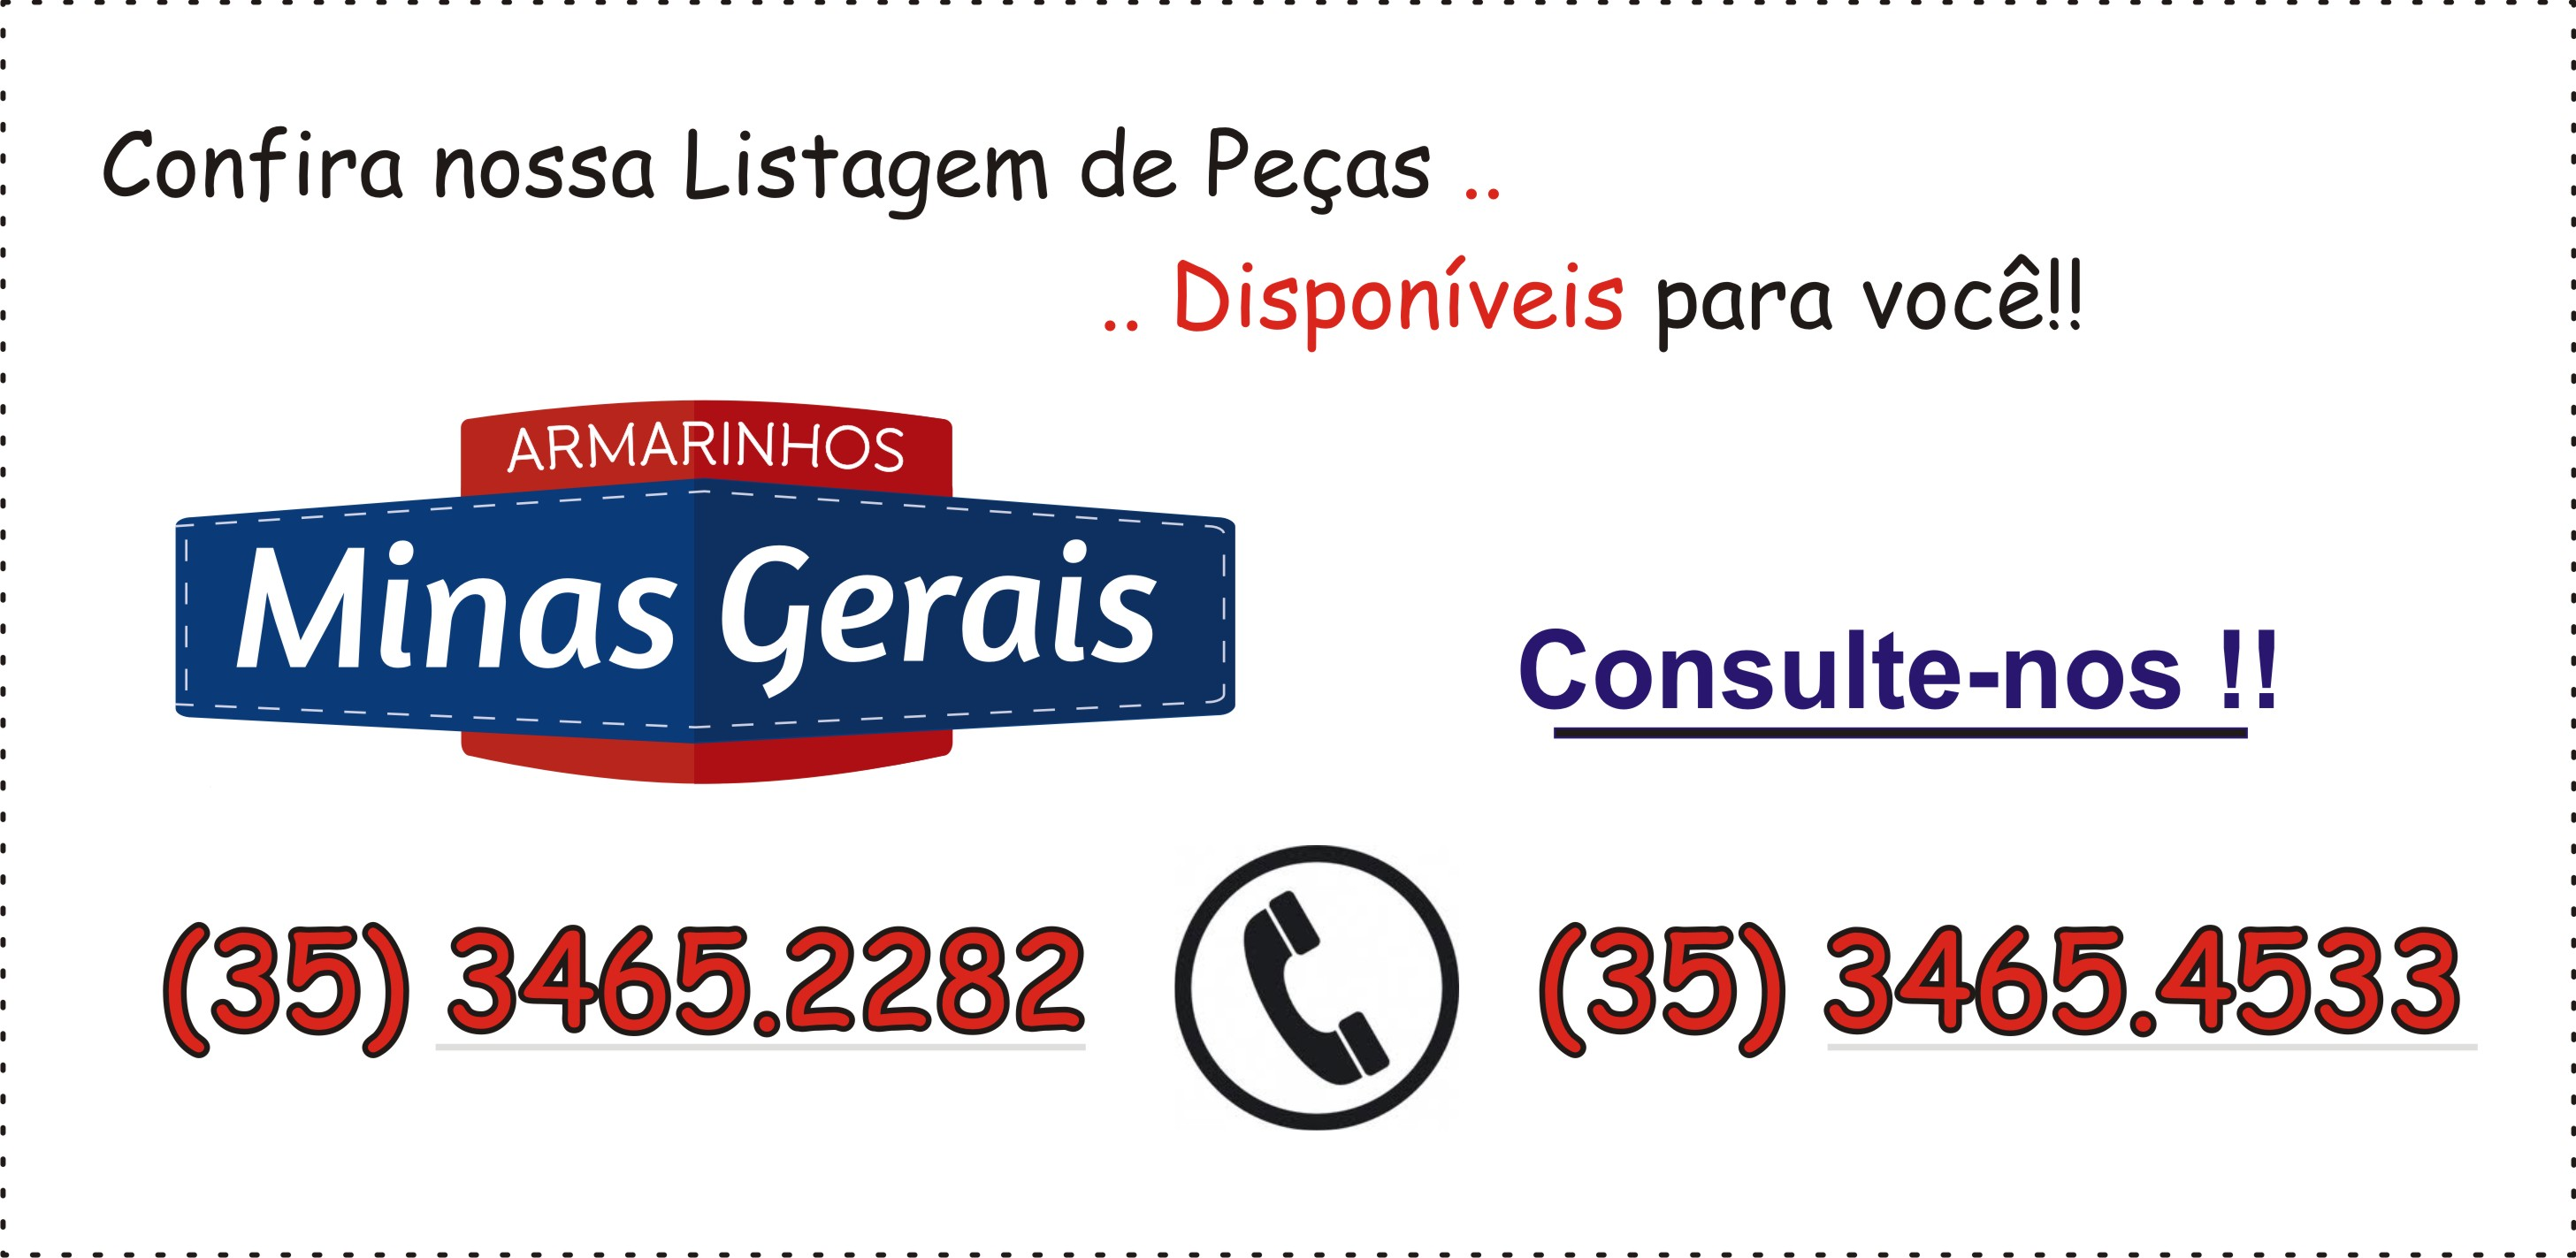 listagem_de_pecas.jpg